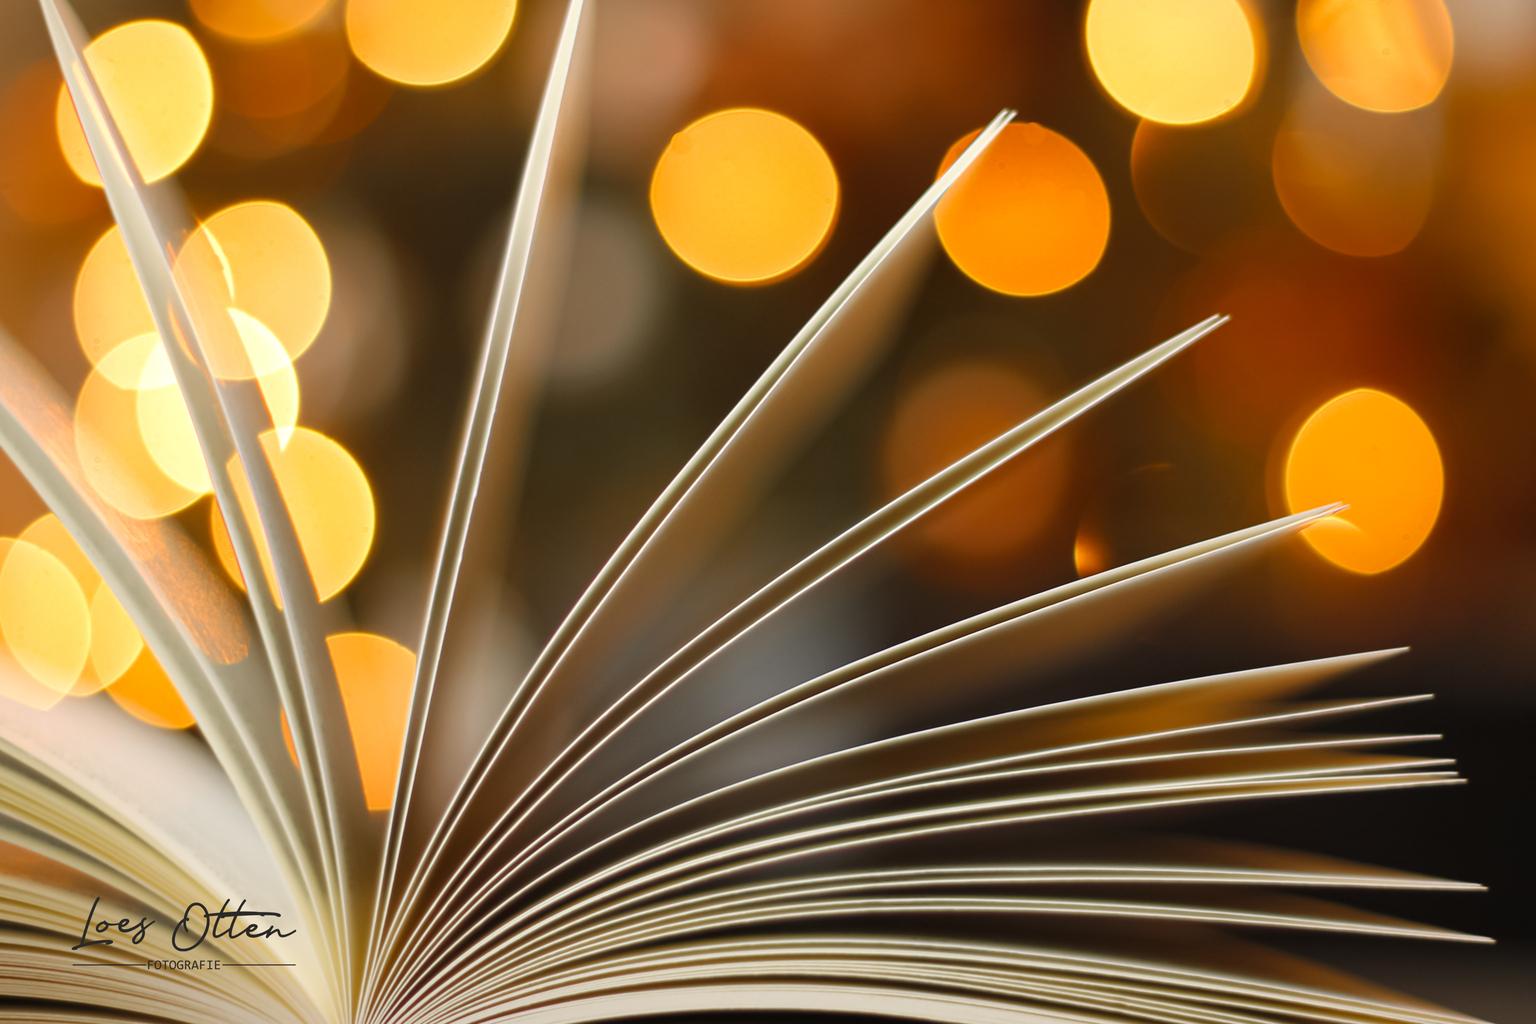 Open boek - Open boek met een beetje bokeh magie. - foto door LoesOtten op 11-04-2021 - locatie: Nederland - deze foto bevat: boek, bokeh, magisch, lichtjes, diafragma, open, school, lezen, onderwijs, bibliotheek, fabriek, licht, goud, oranje, amber, hout, boom, lijn, lettertype, materiële eigenschap